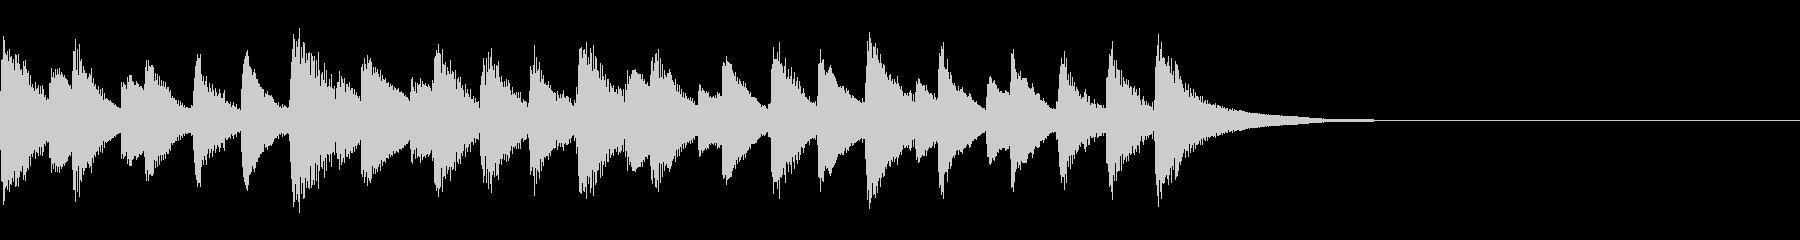 無邪気で優しい日常的なマリンバ曲の未再生の波形